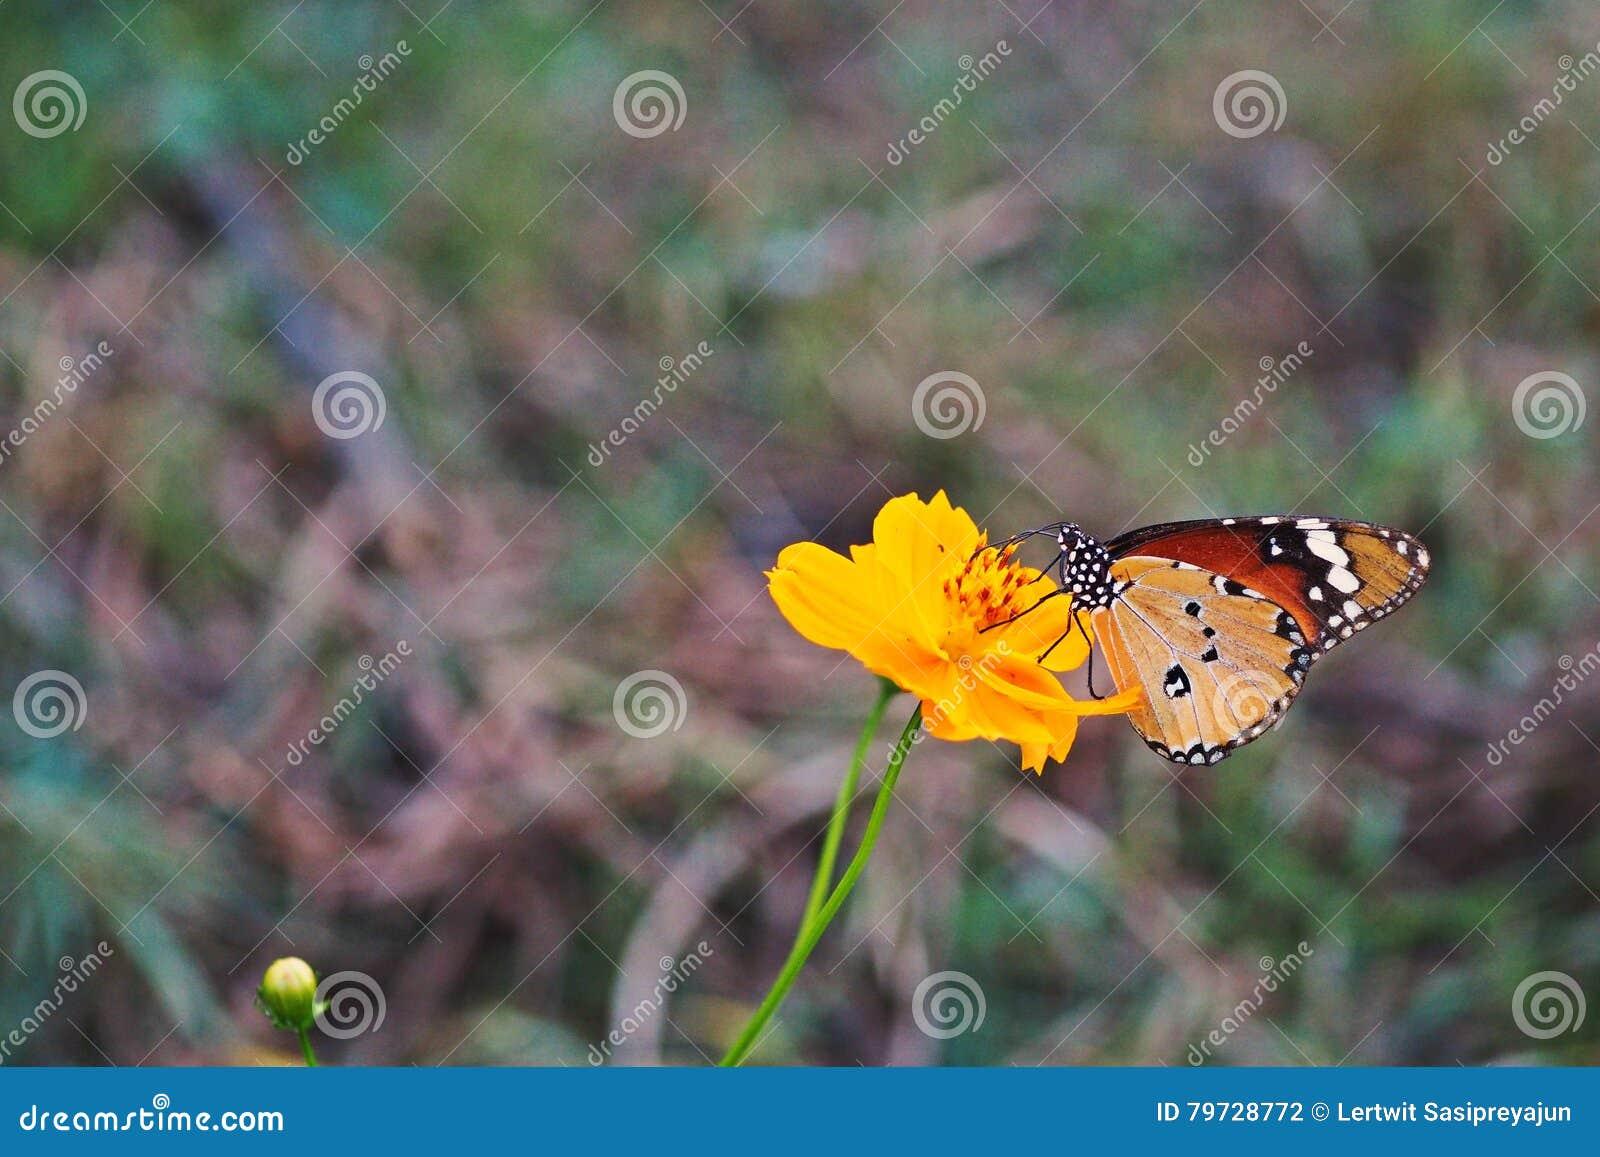 Mariposa, insectos hermosos y coloridos